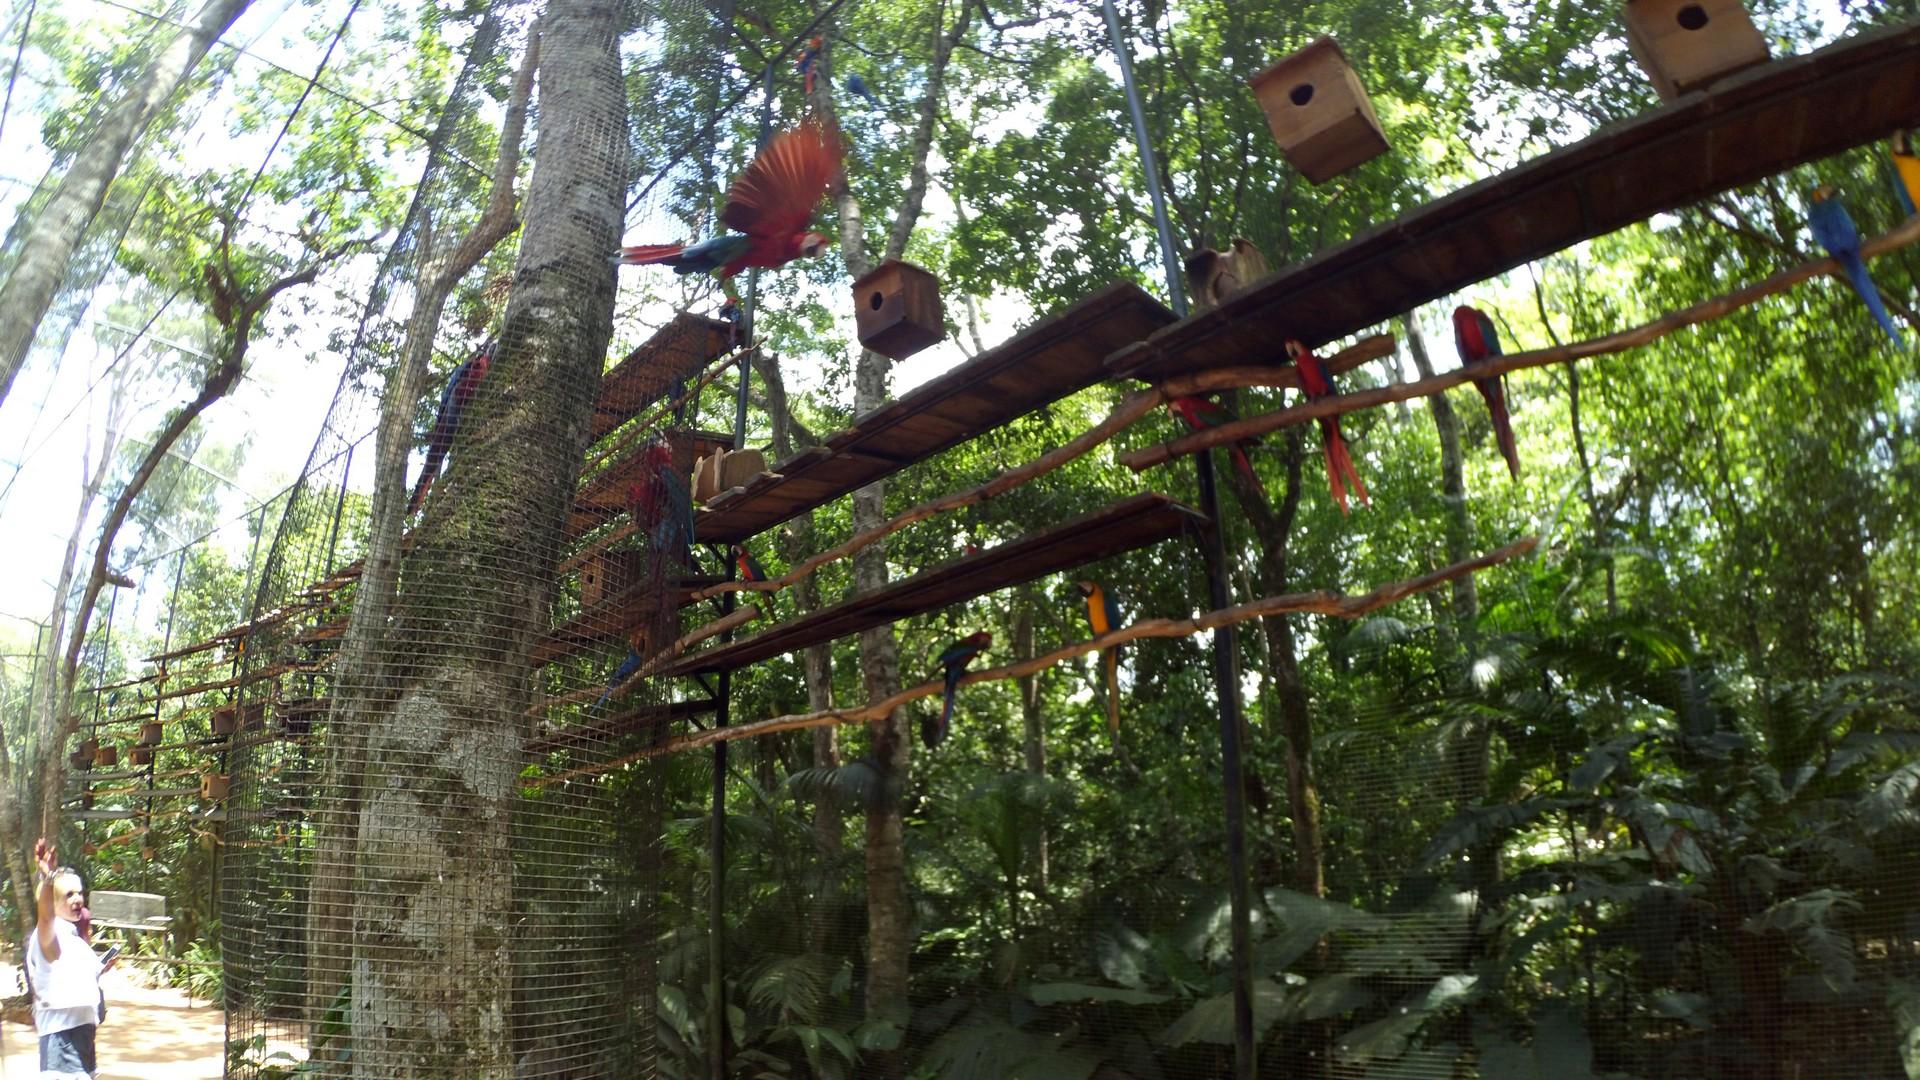 to tutaj papuzie dywizjony atakują turystów